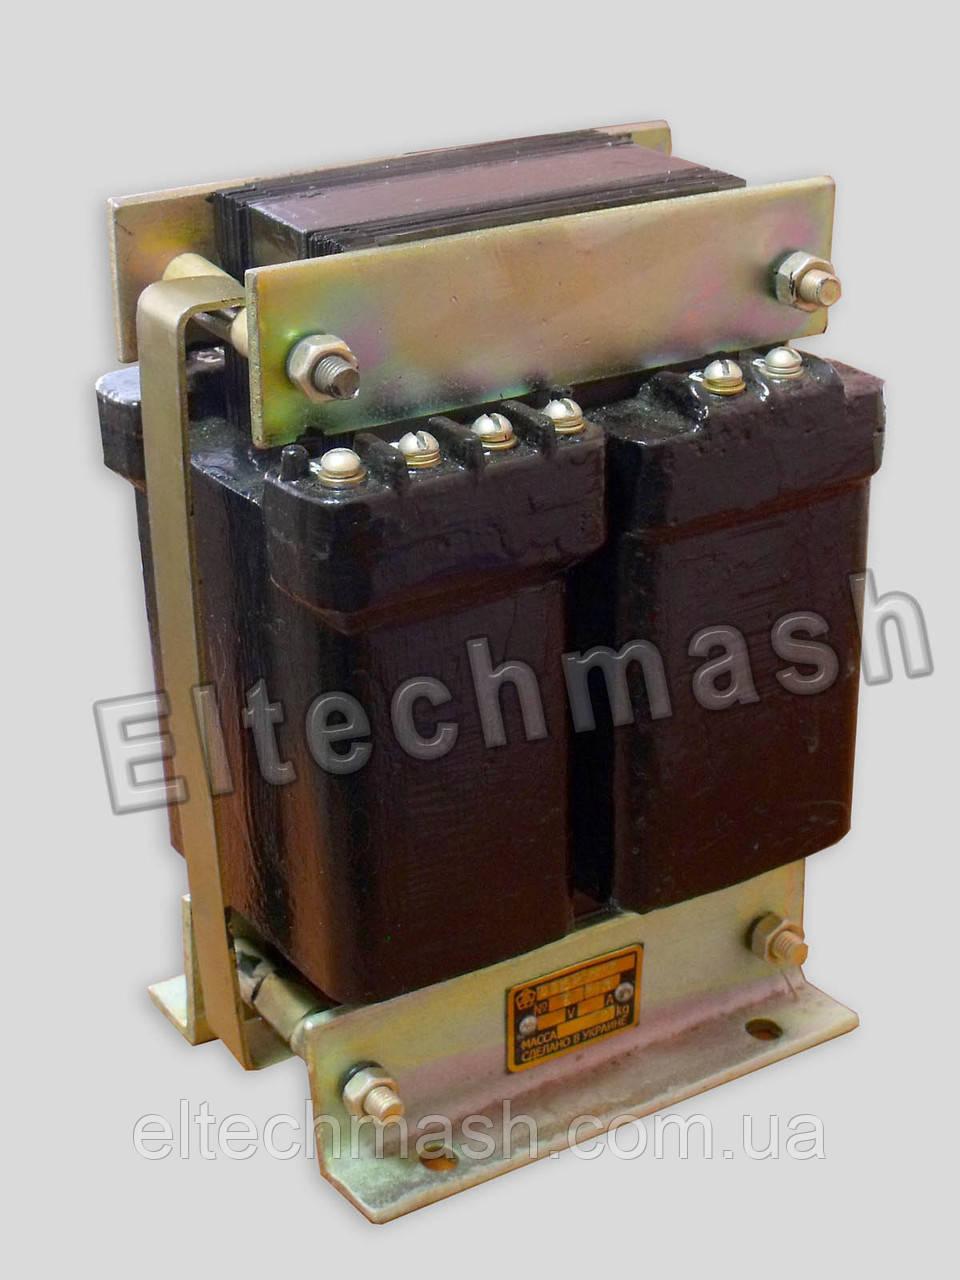 Усилитель магнитный АВ-3АМ УХЛ3, (амплистат возбуждения) ИАКВ.671351.001, 2ТХ.789.008